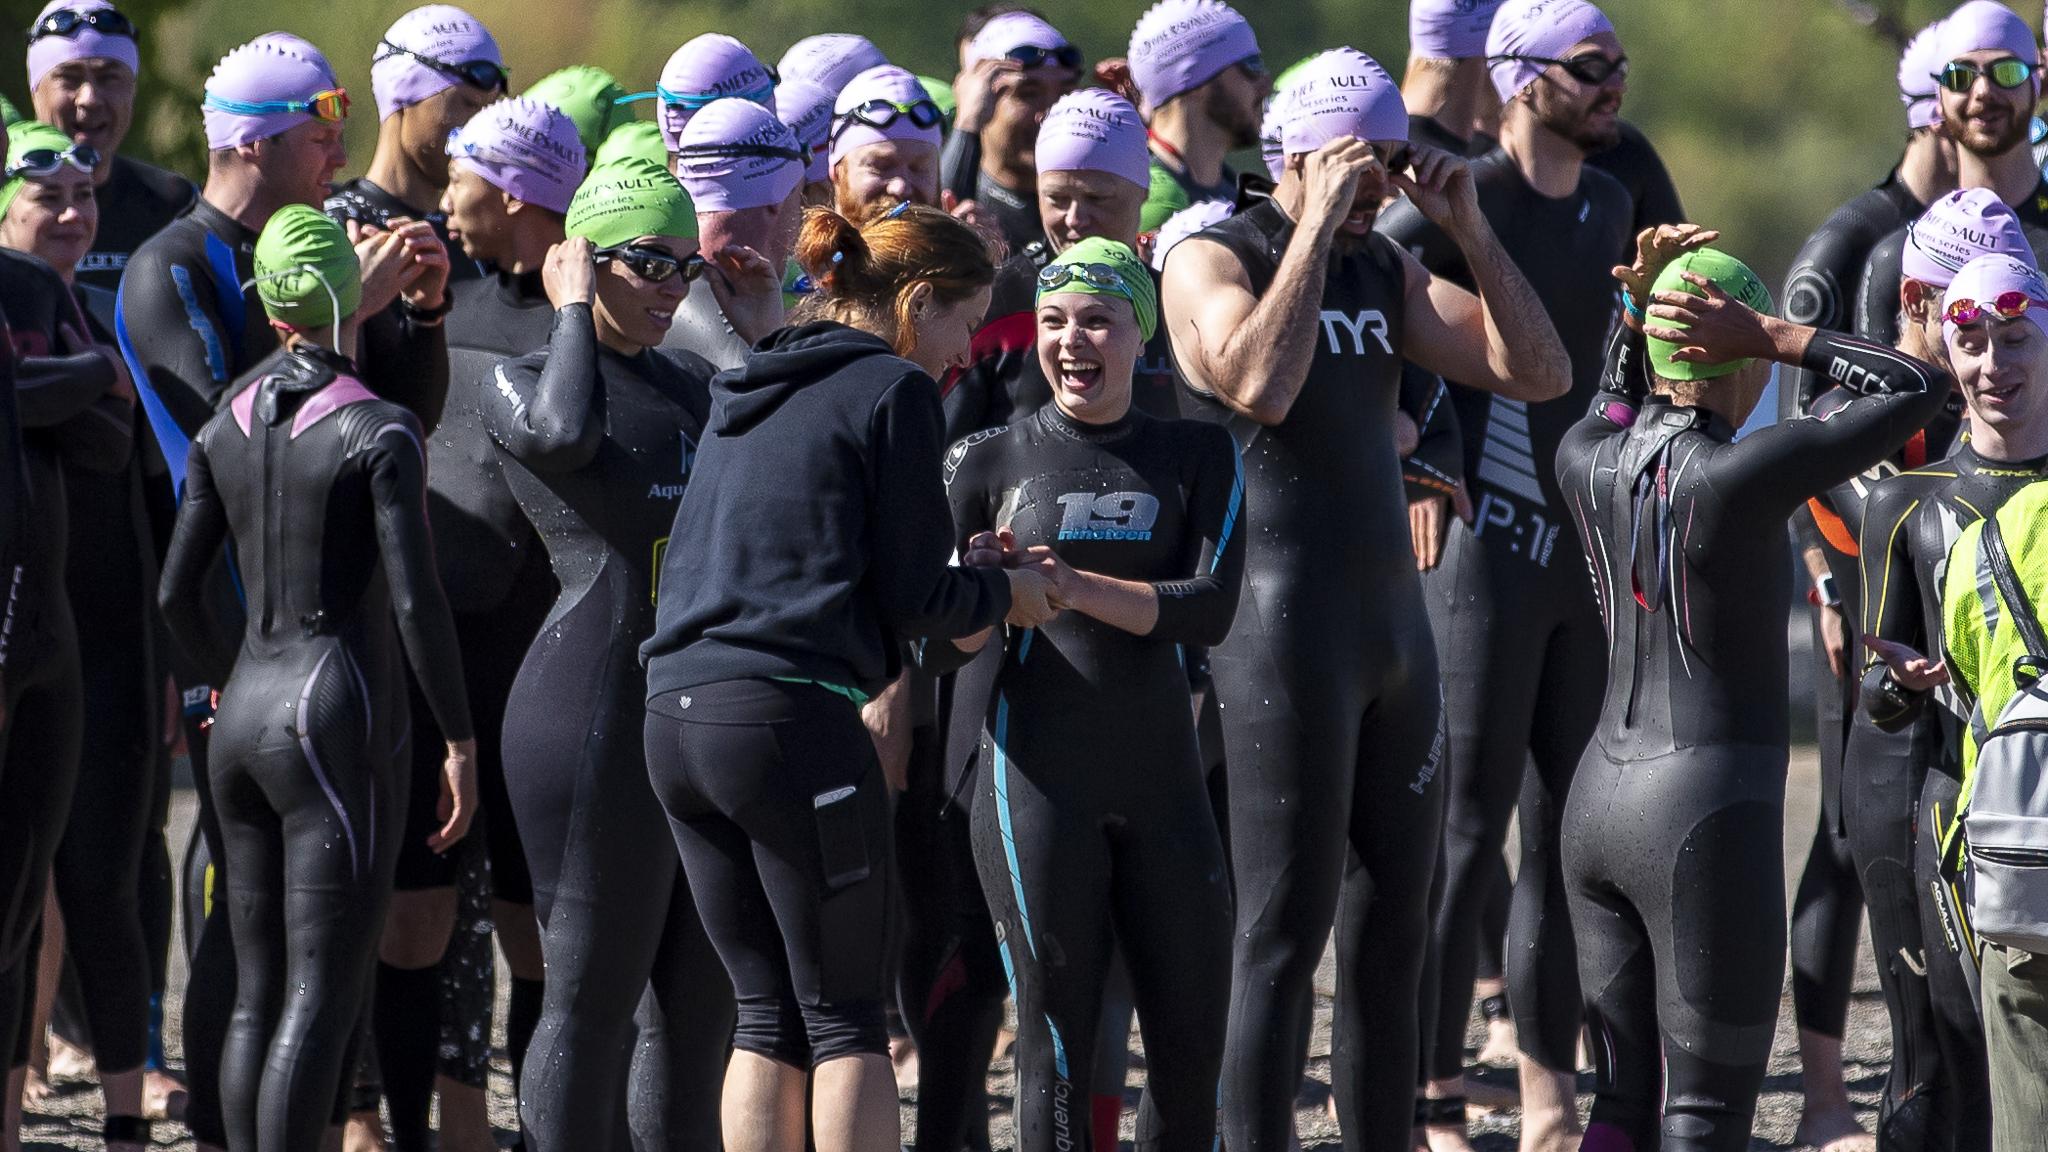 Emilie Tremblay - Somersault Olympic Triathlon - Britannia Beach - Reduced Edits - 08 Jun '19 - 02.JPG